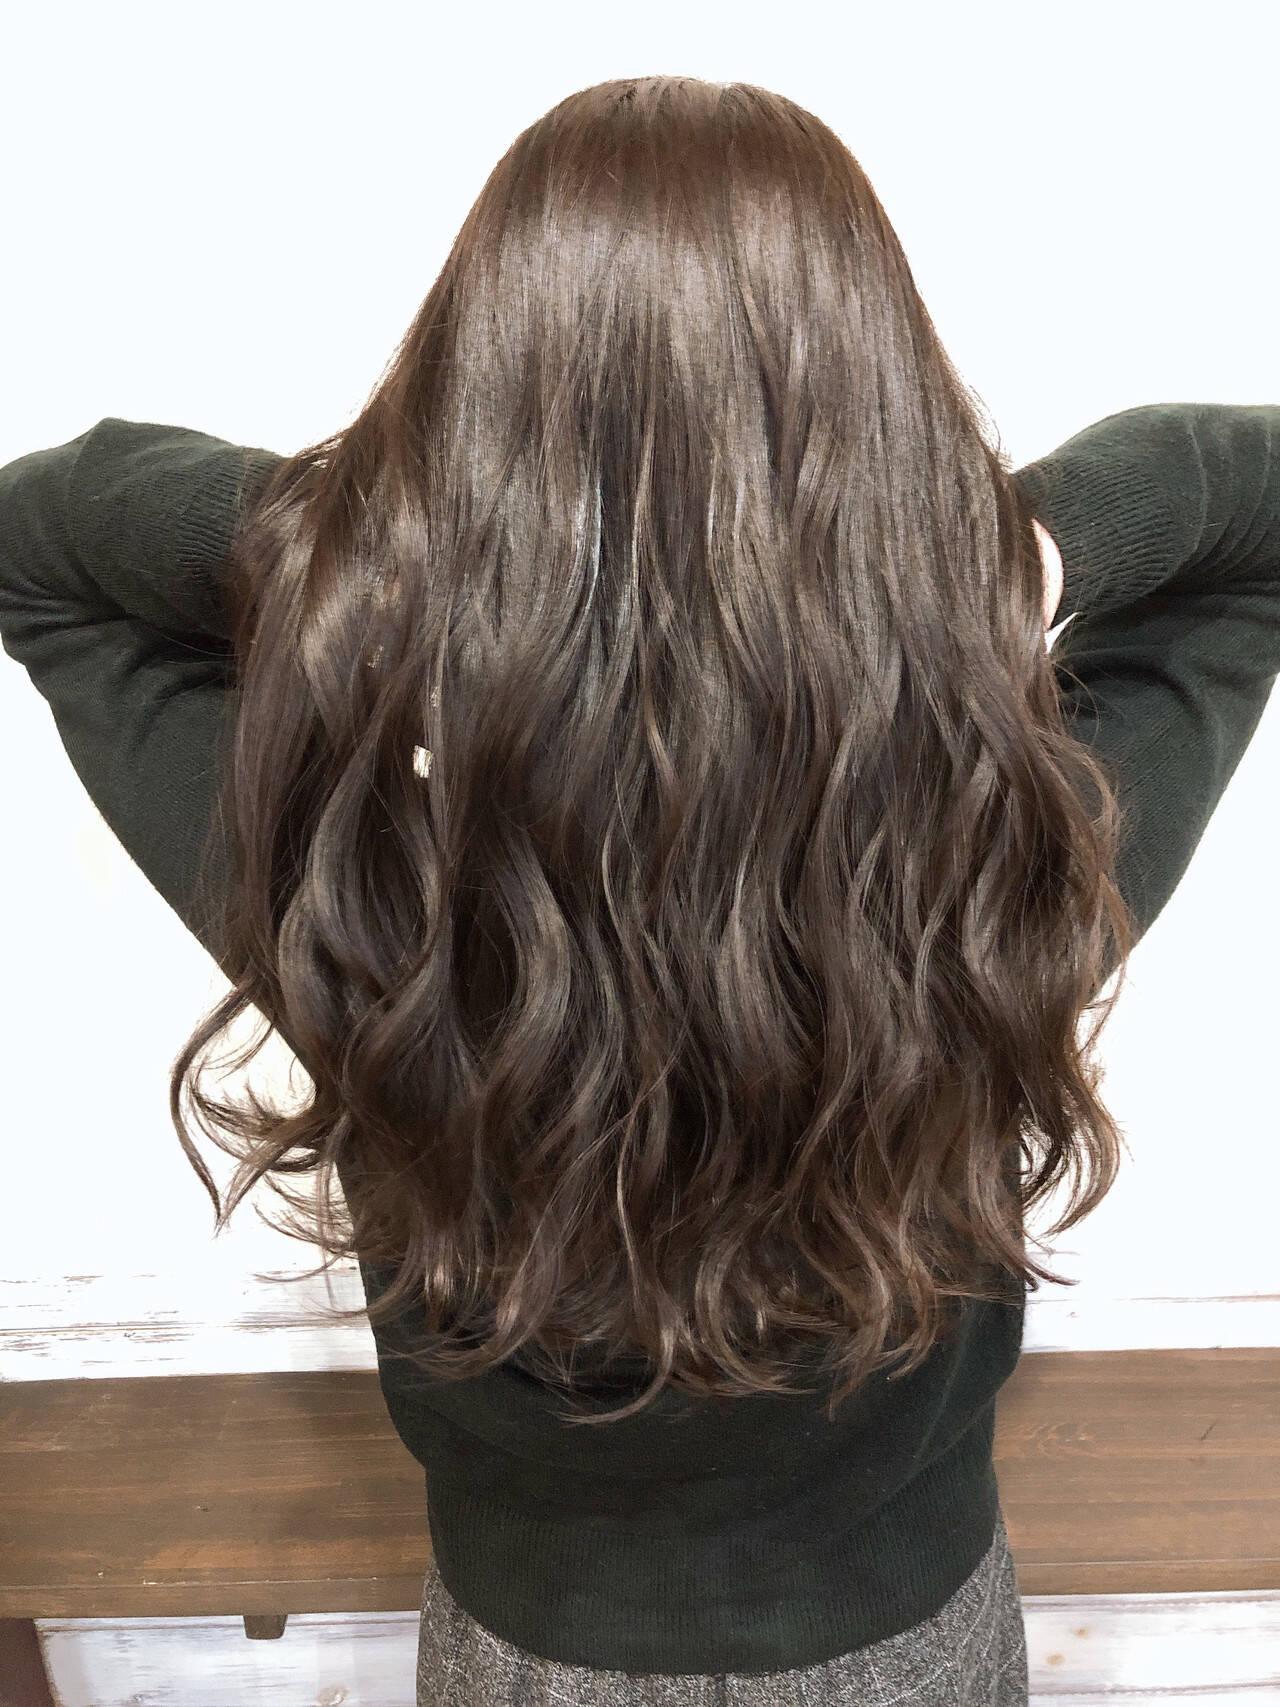 ナチュラル ロング 艶髪 ショコラブラウンヘアスタイルや髪型の写真・画像